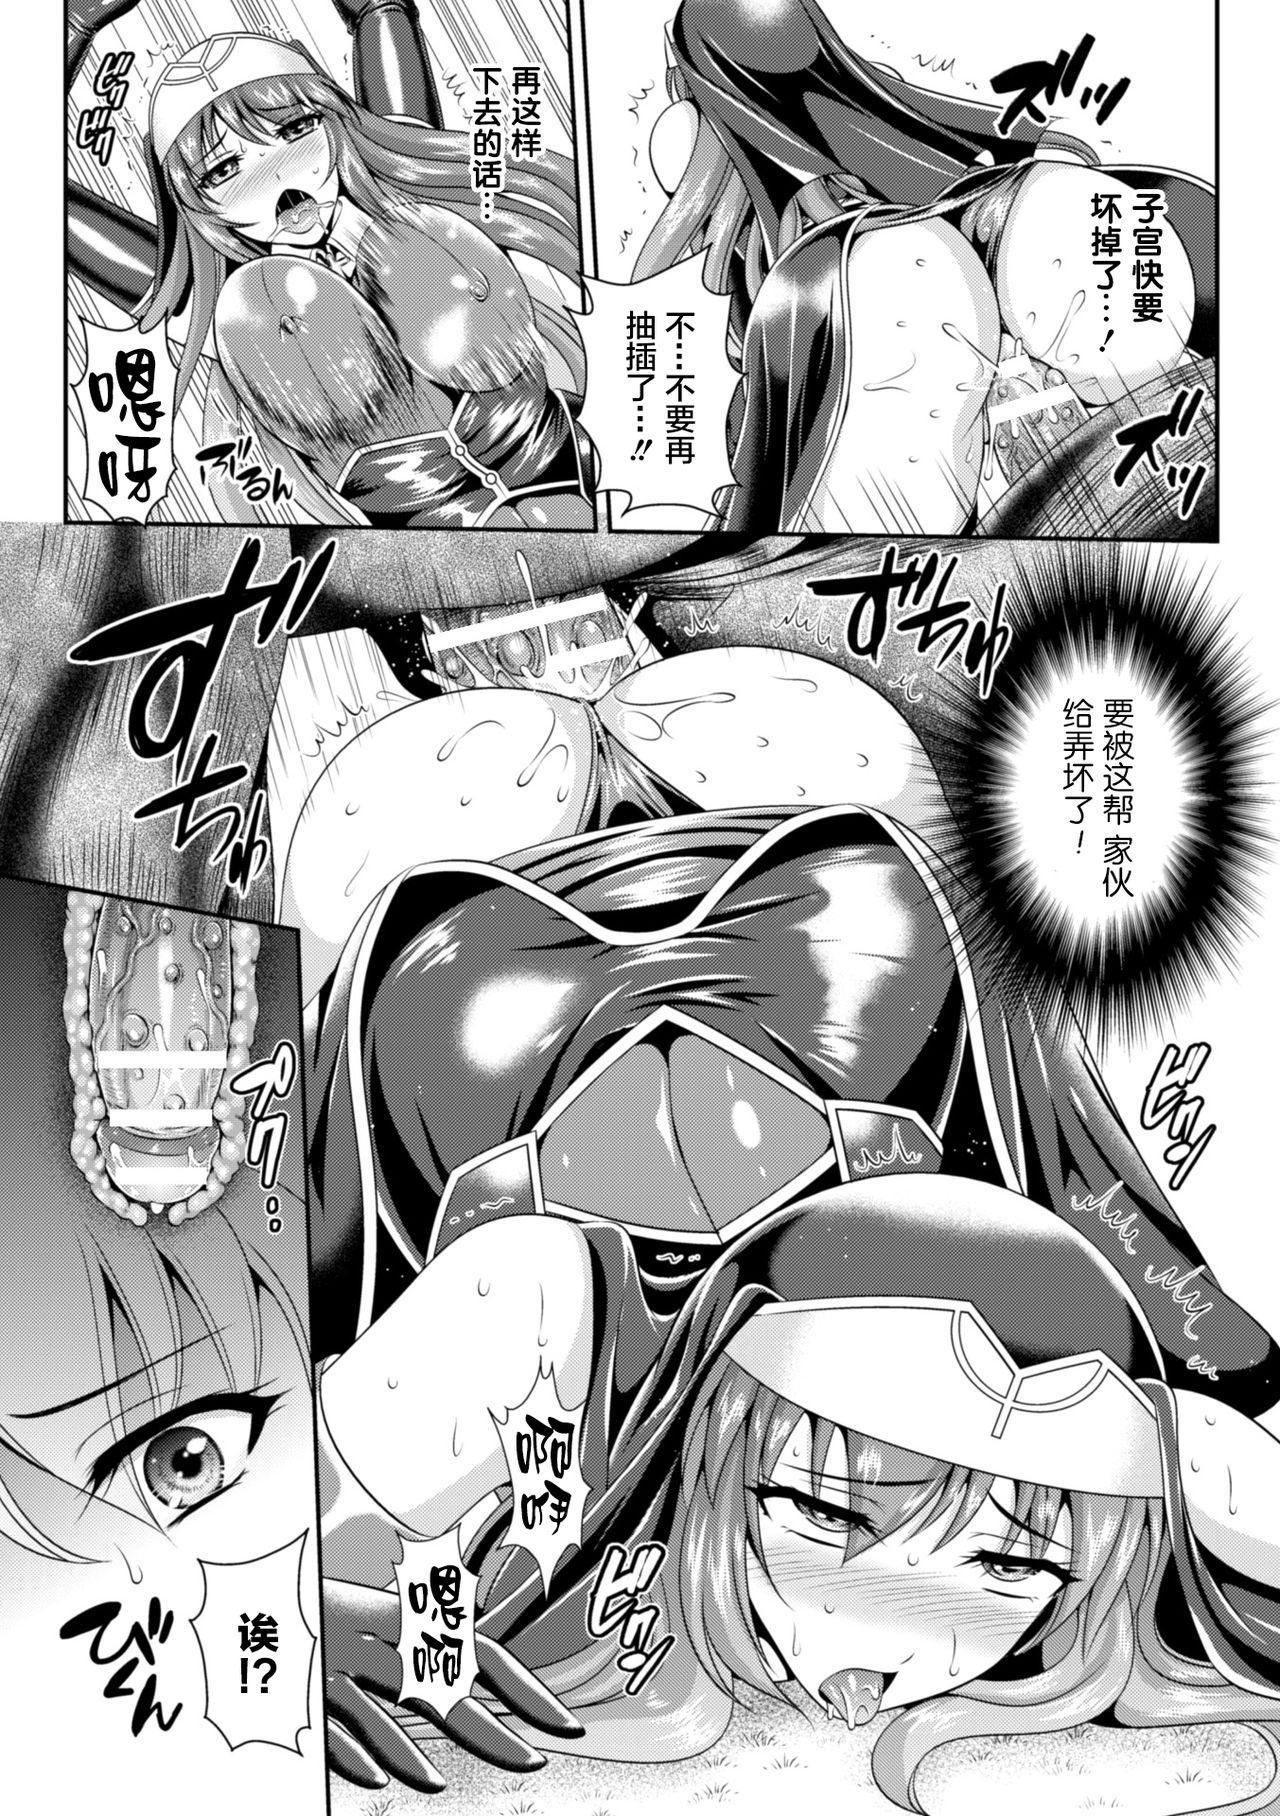 Nengoku no Liese Inzai no Shukumei ch.1 21